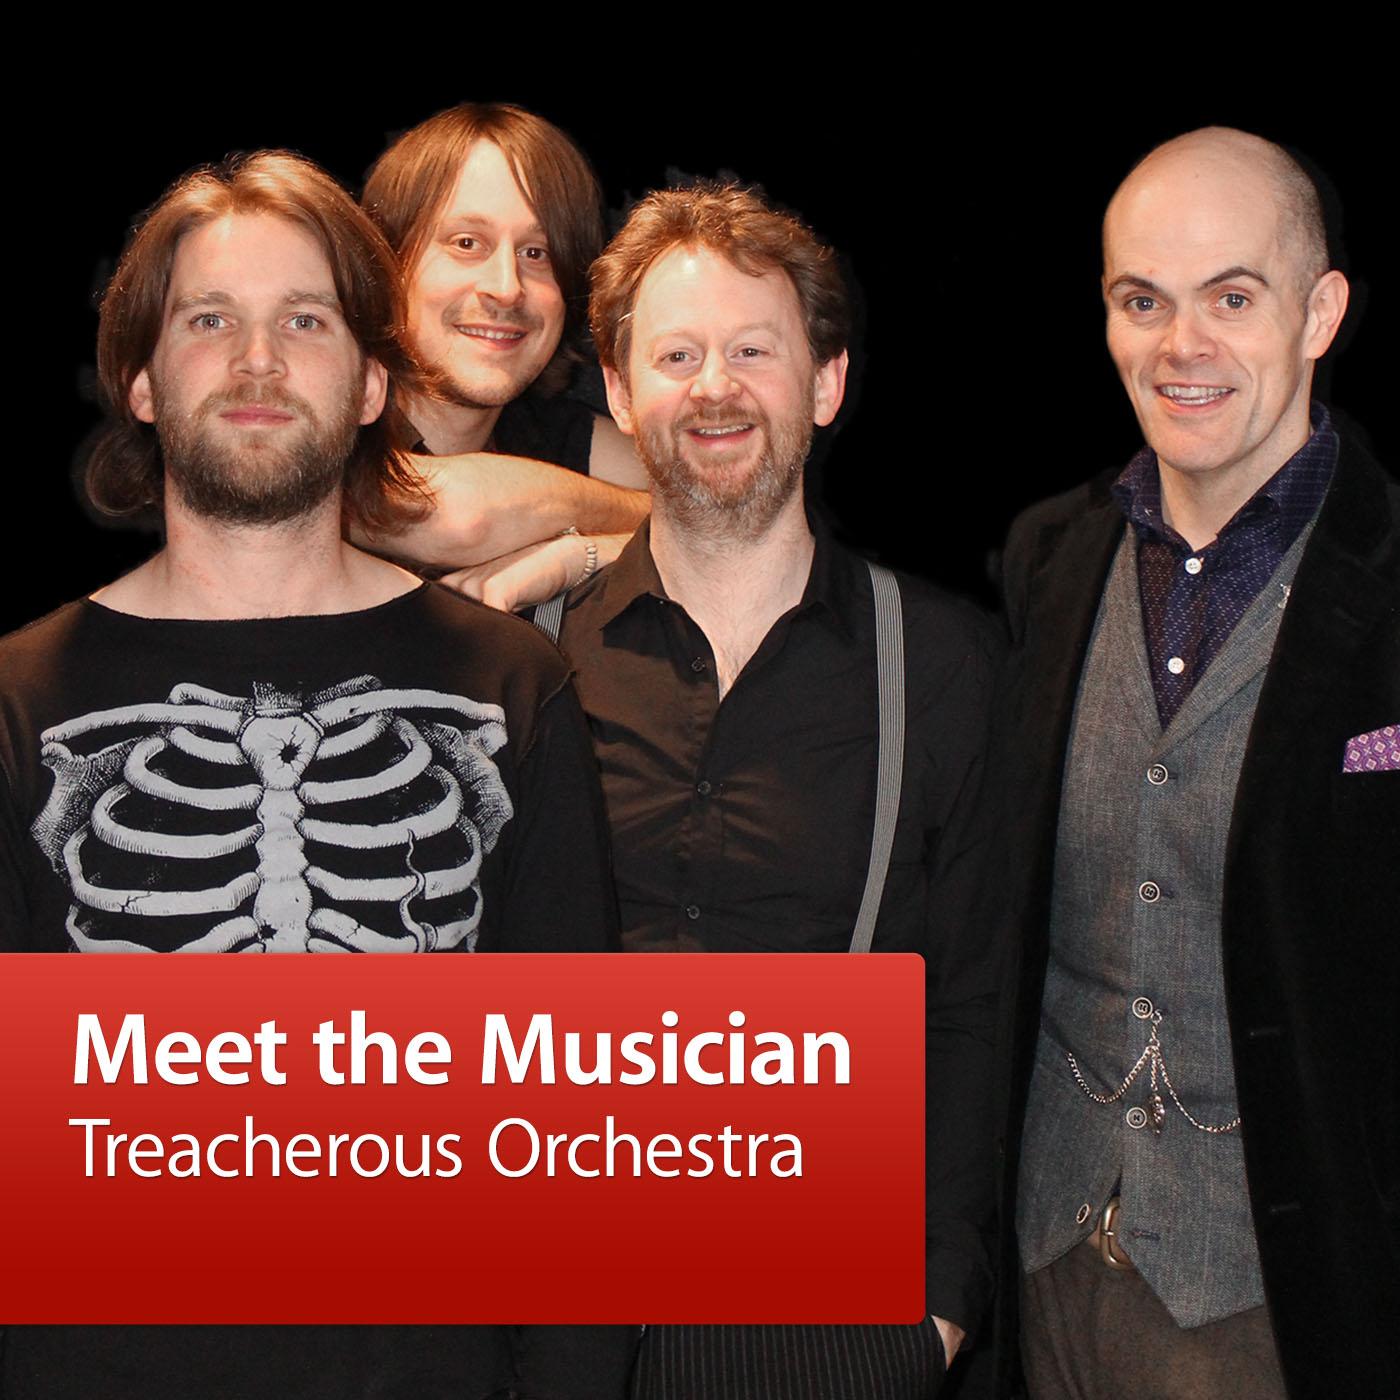 Treacherous Orchestra: Meet the Musician